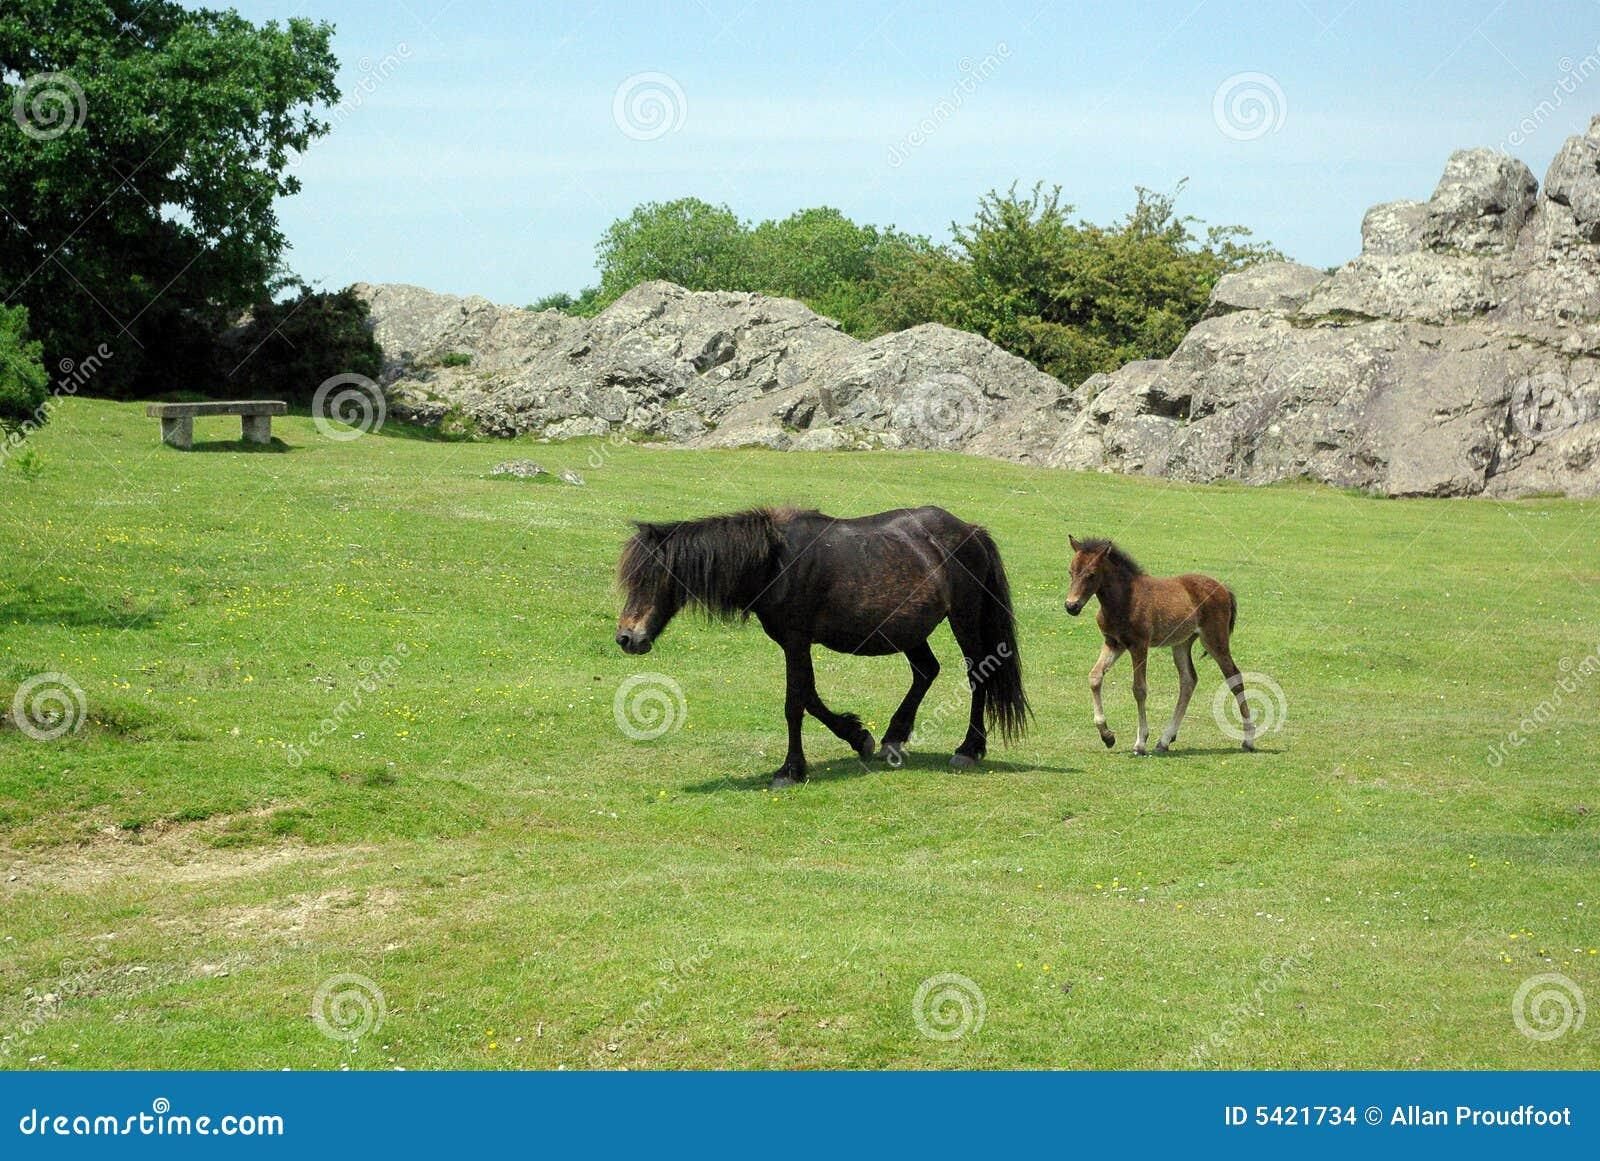 Dartmoor pony with foal